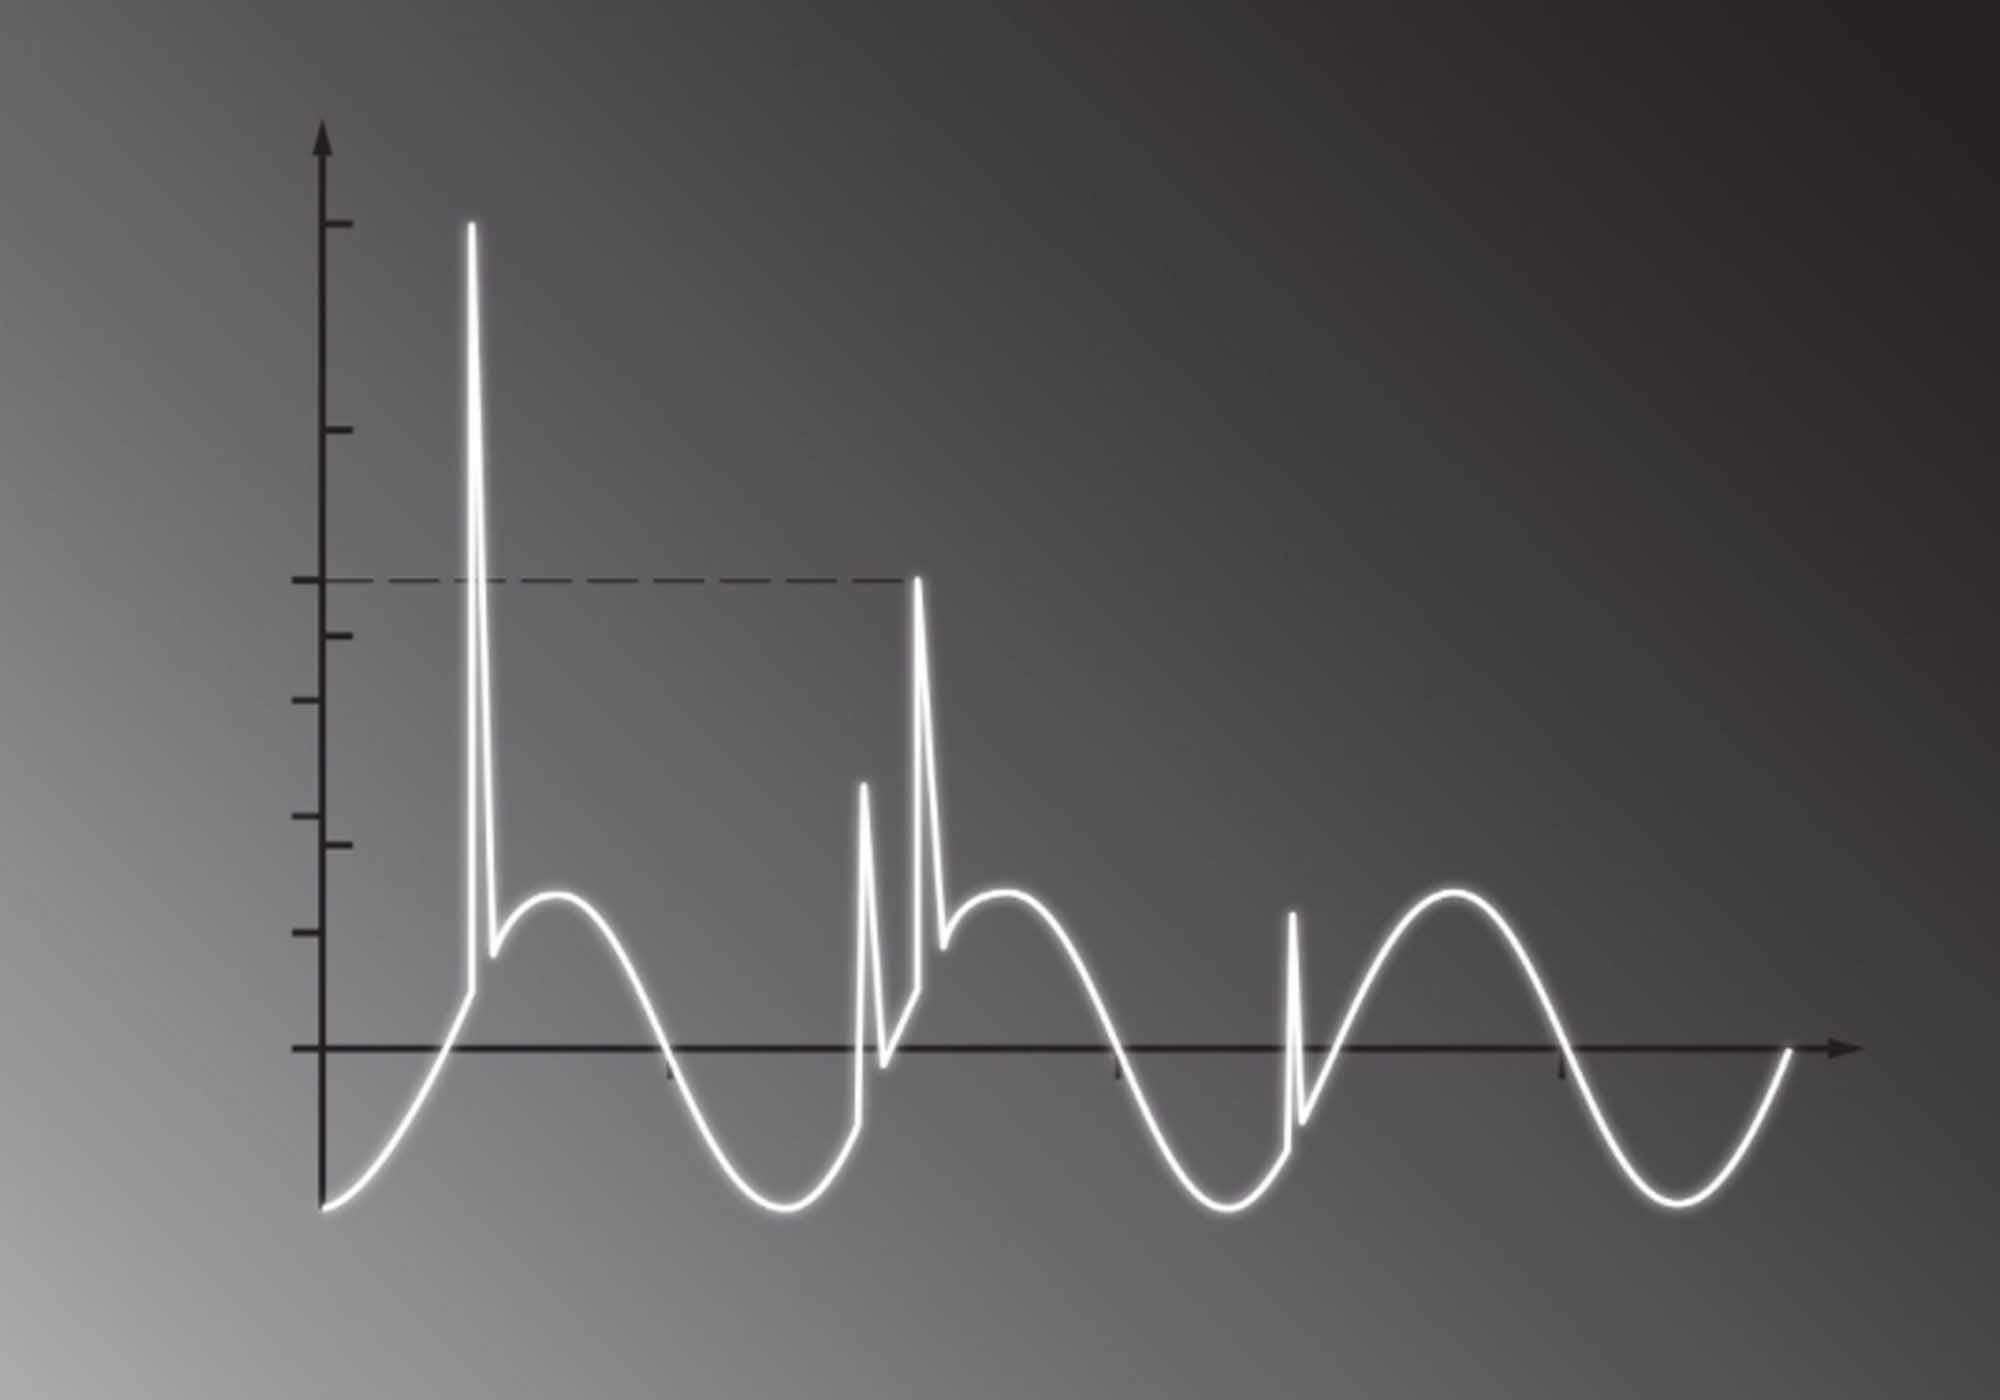 imagem de gráfico